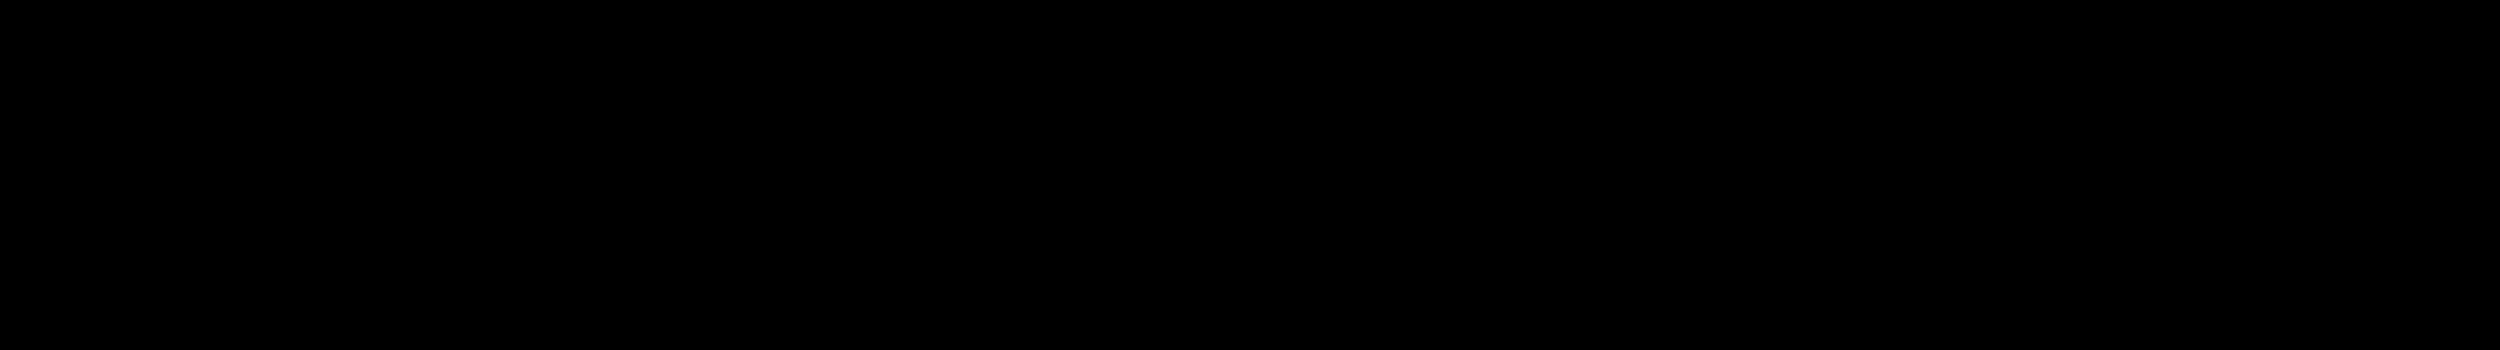 SAGA Troisdorf Merch